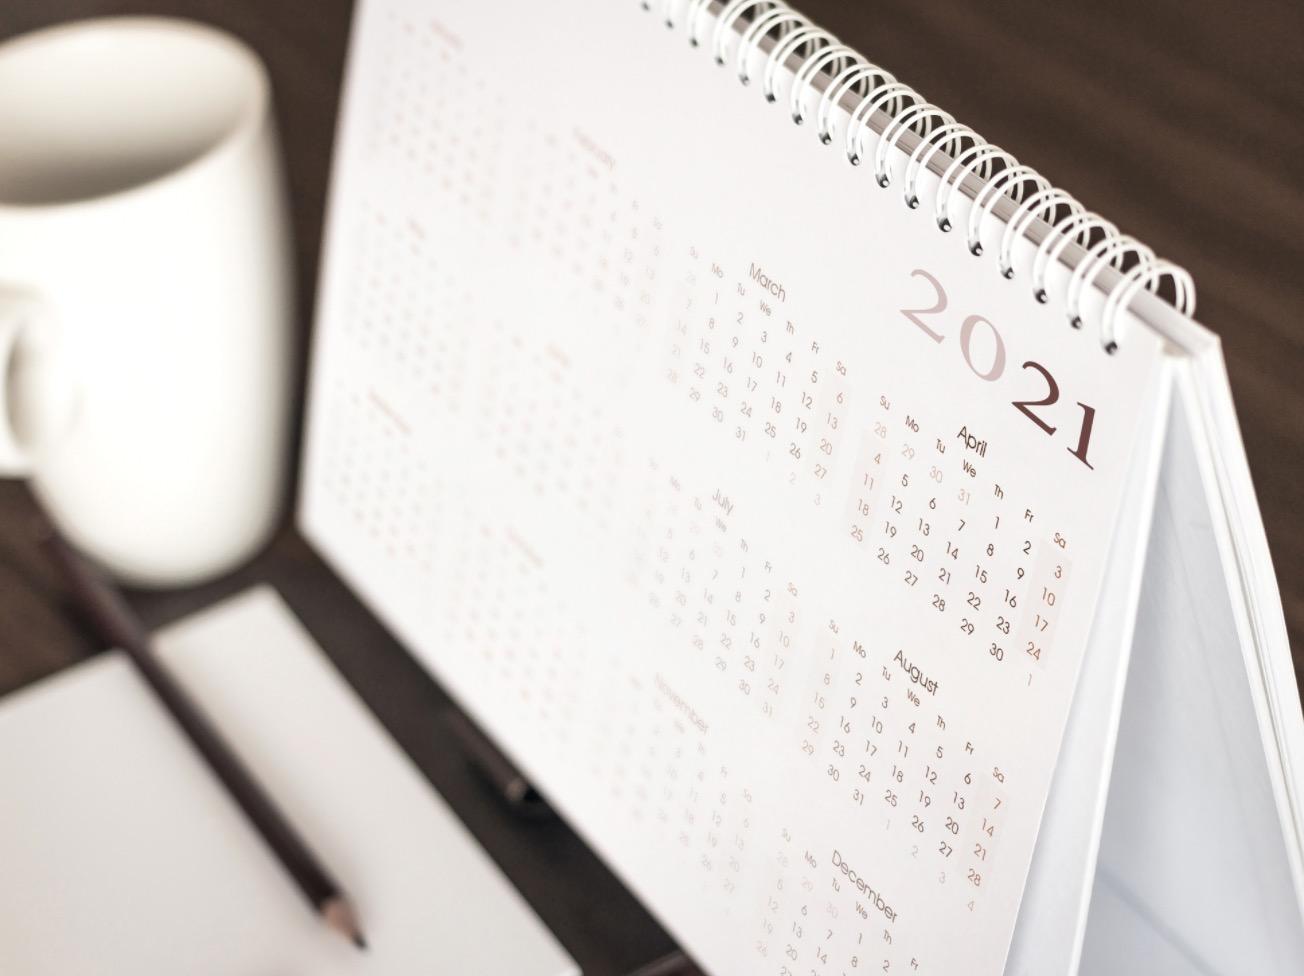 Calendario Tributario Cali 2021: fechas y pagos